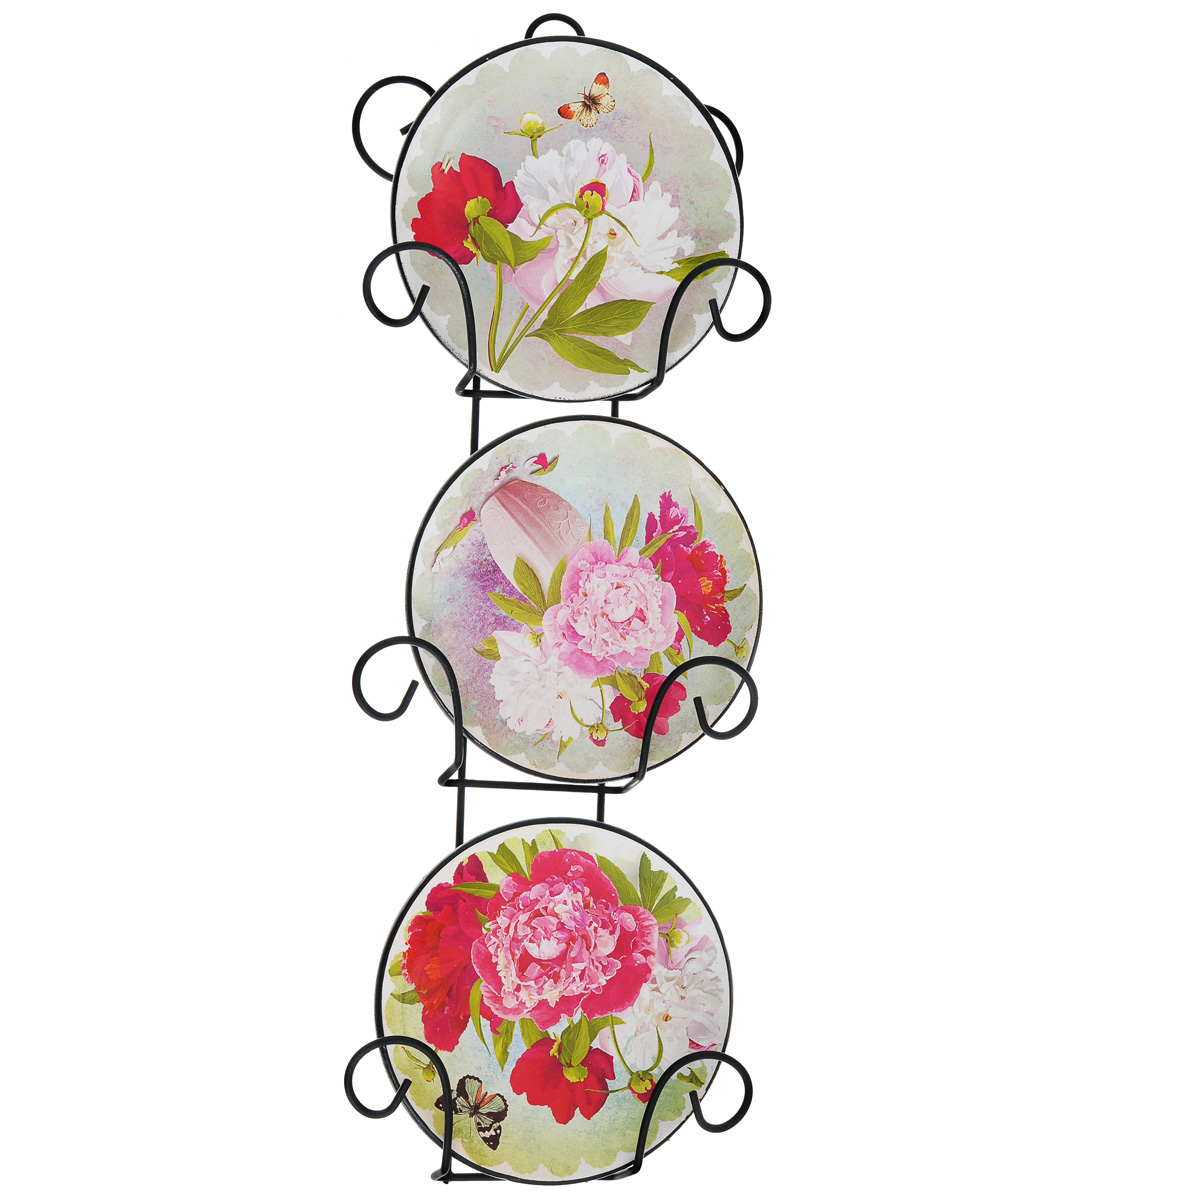 Набор декоративных тарелок Пионы, диаметр 10 см, 3 шт что в виде сувенира из туапсе